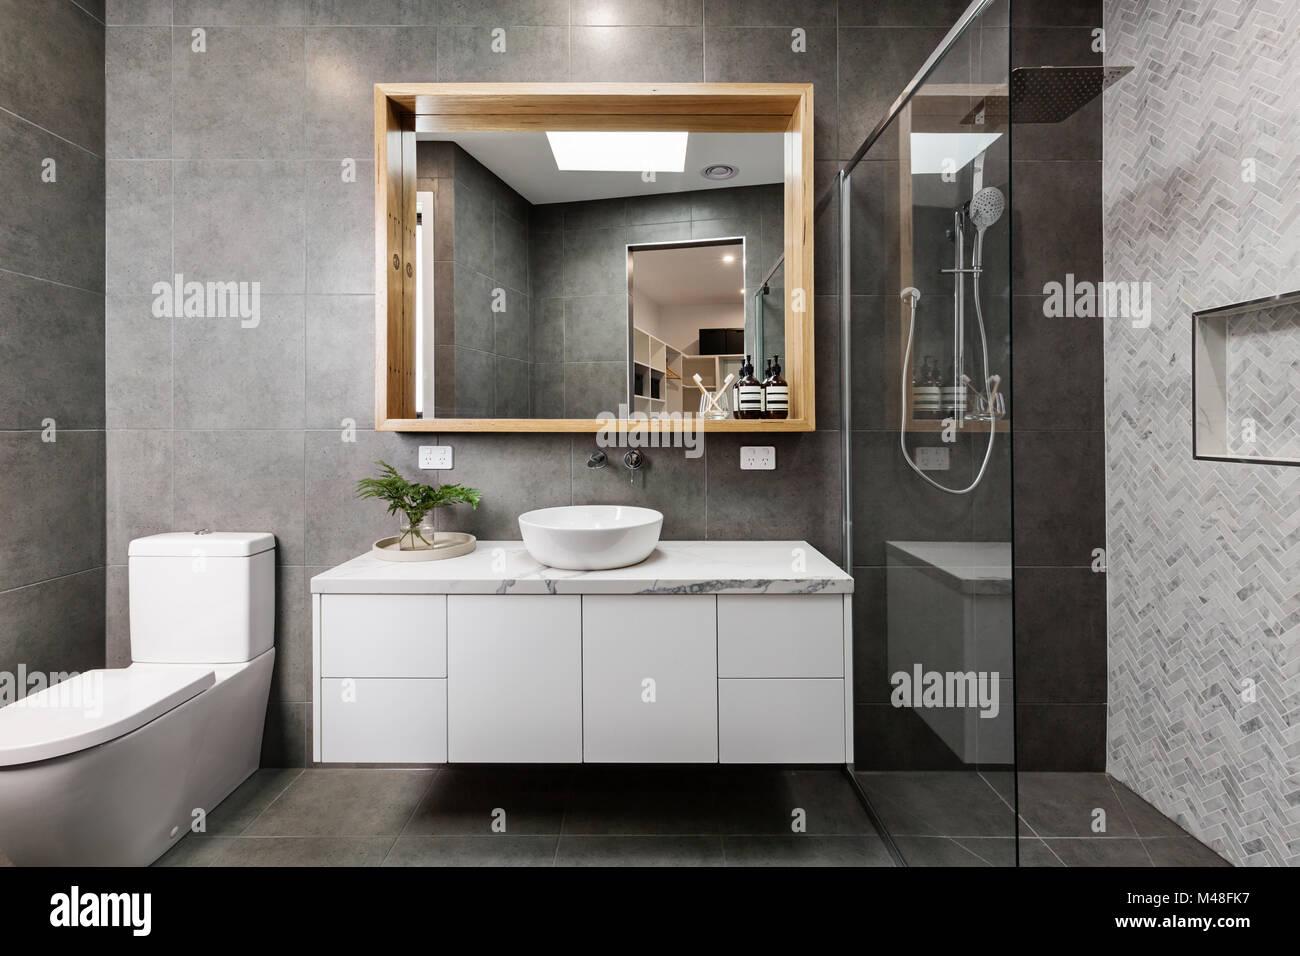 Moderno edificio grigio bagno di design con doccia a spina di